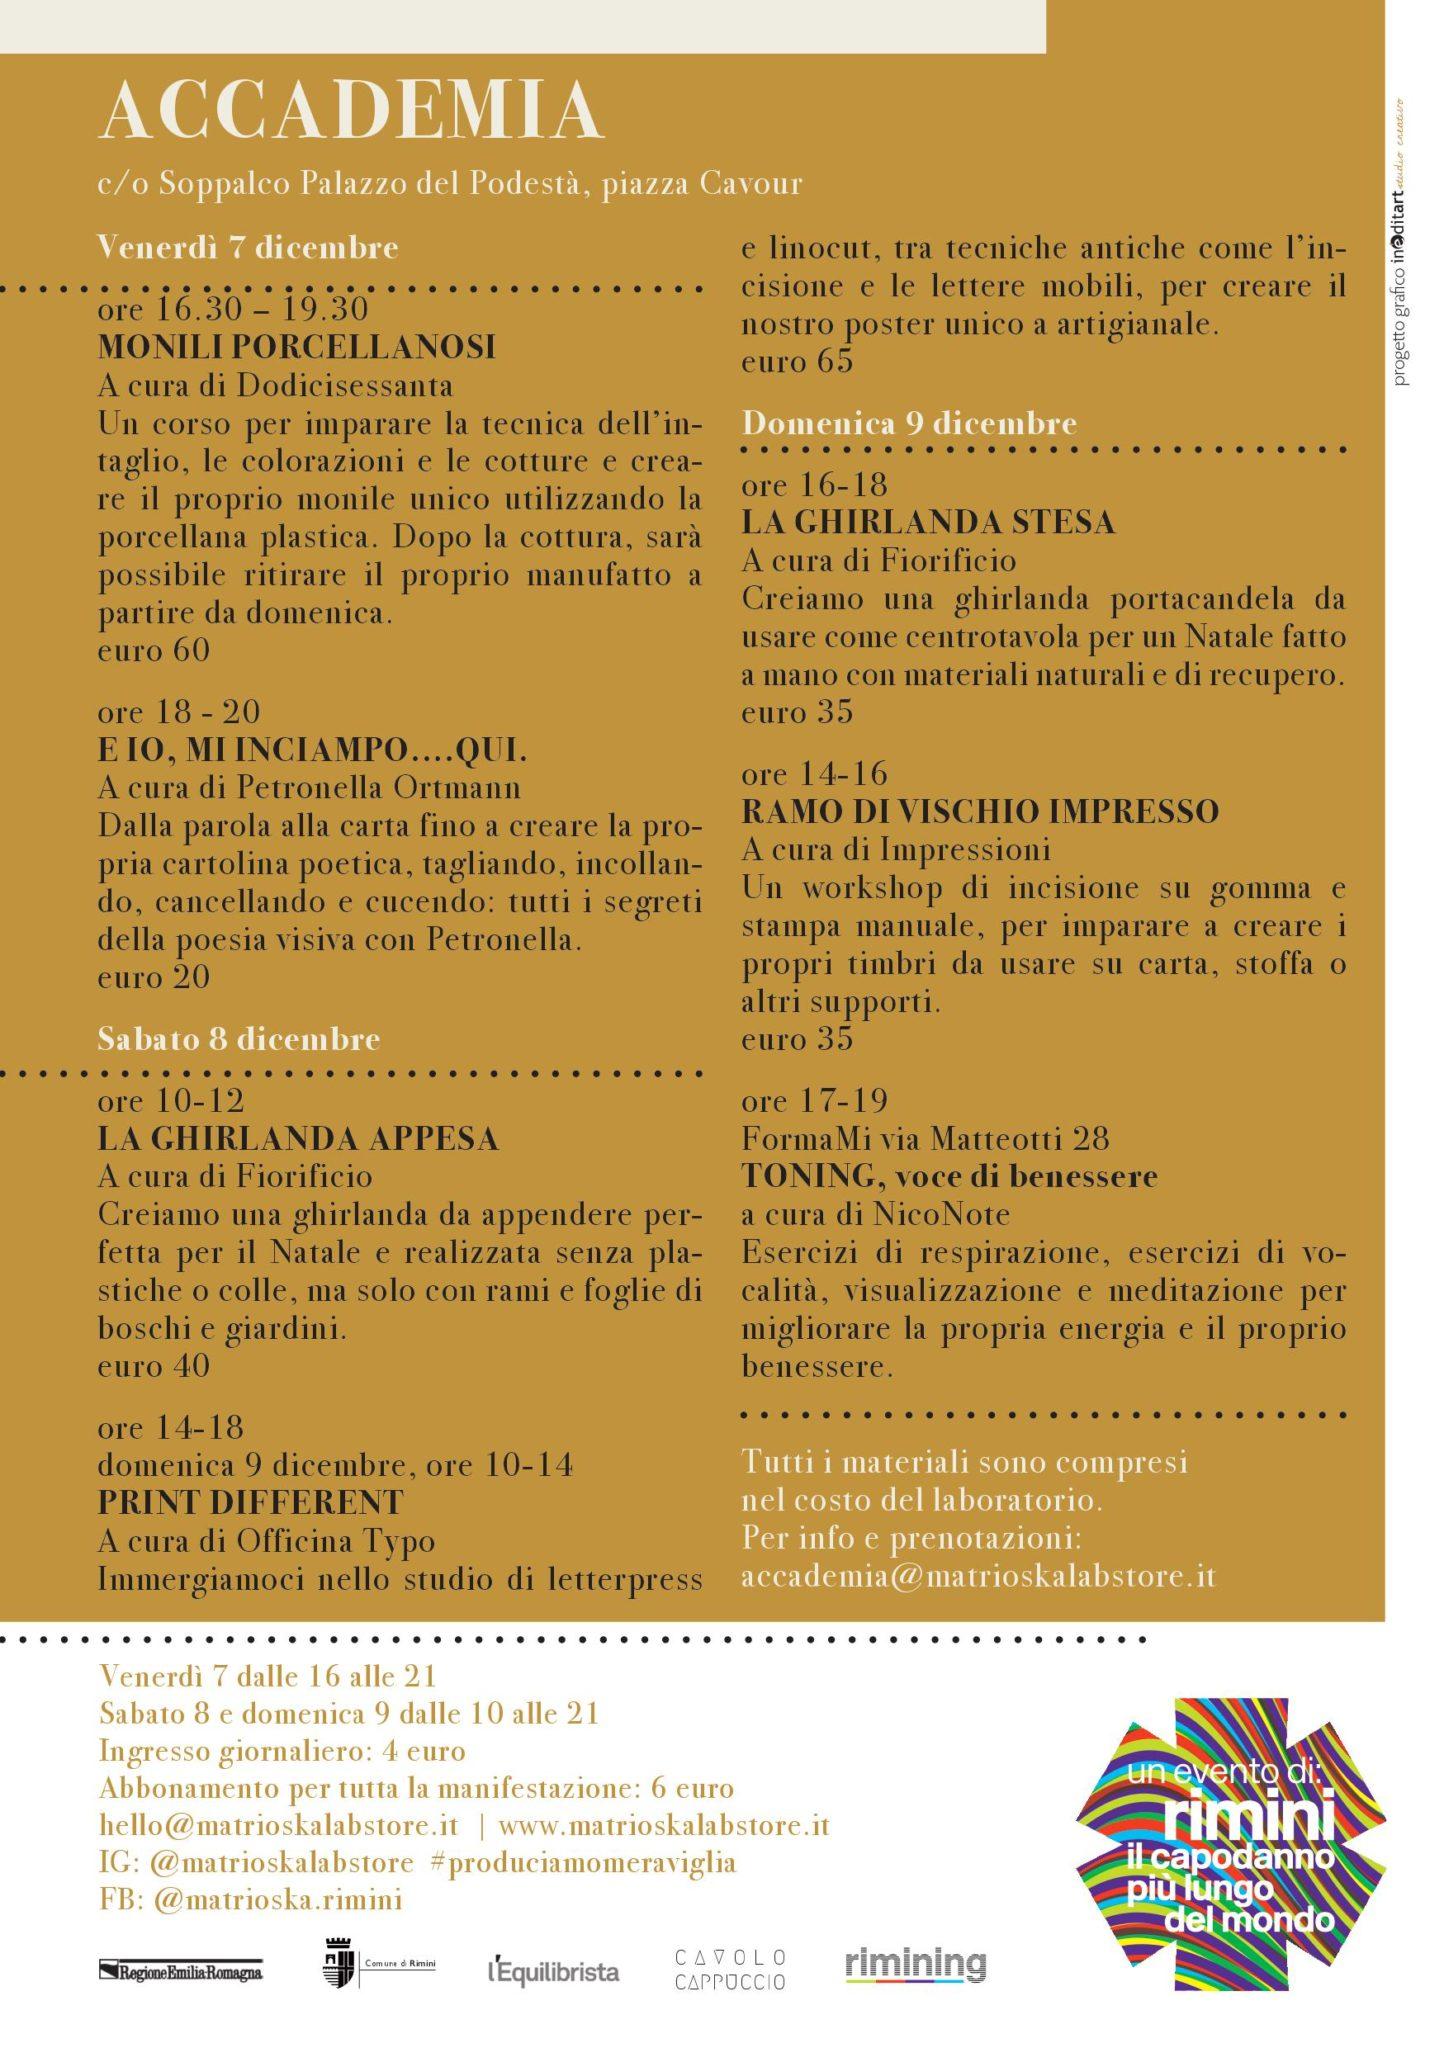 Programma Accademia / Matrioska Labstore #14 / Rimini 7-8-9 dicembre 2018